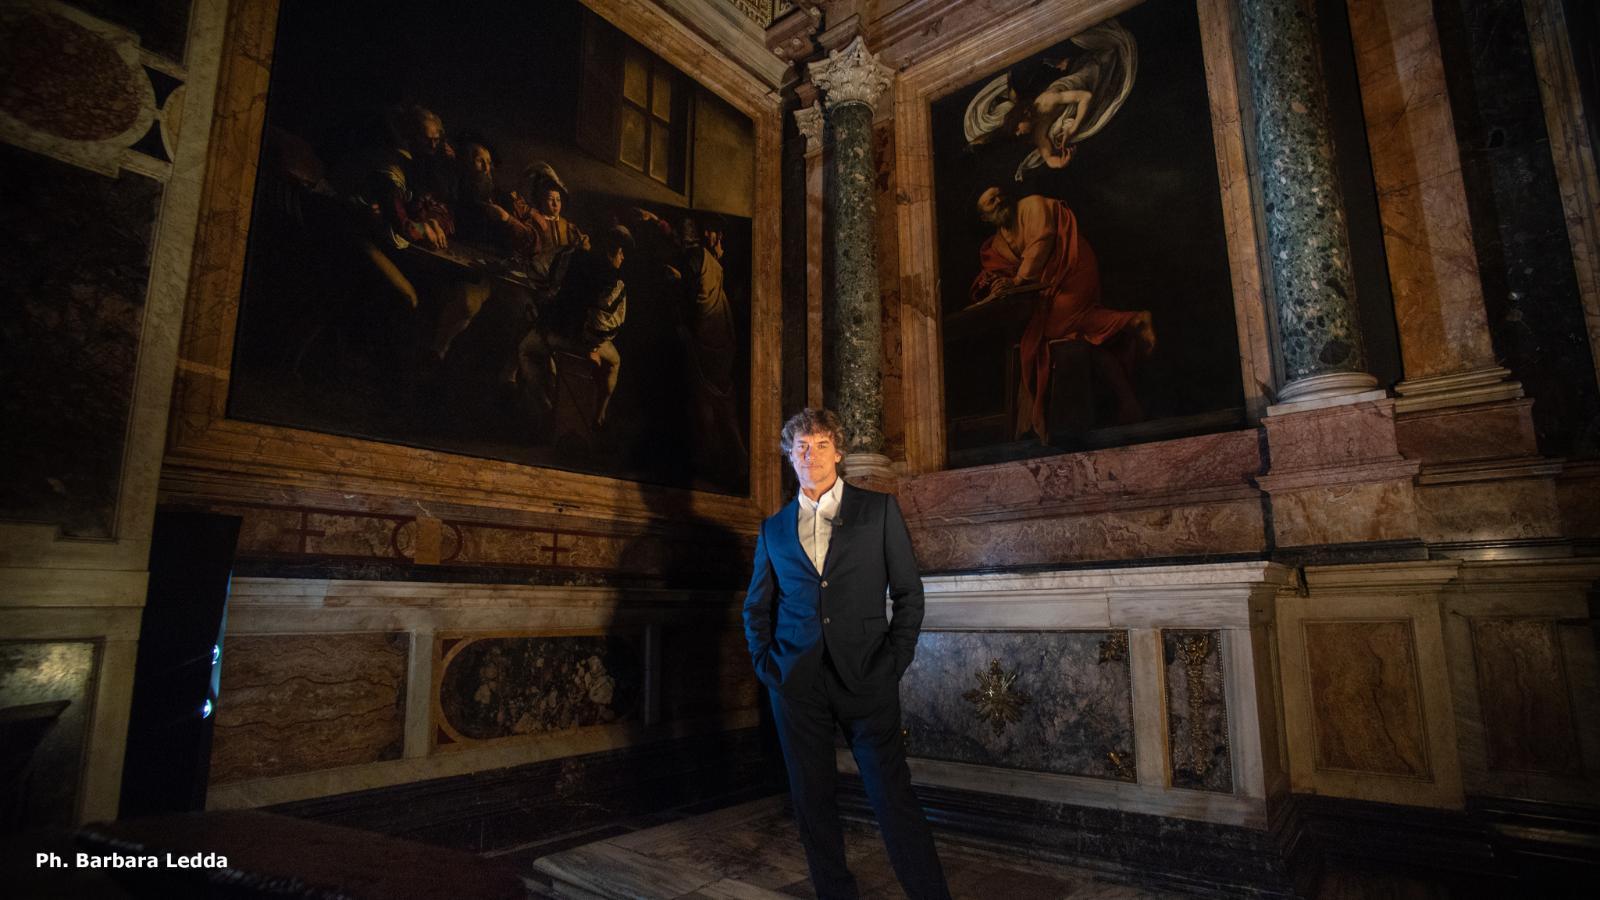 Stasera su Rai1 l'attesissimo speciale inedito di Alberto Angela su Caravaggio